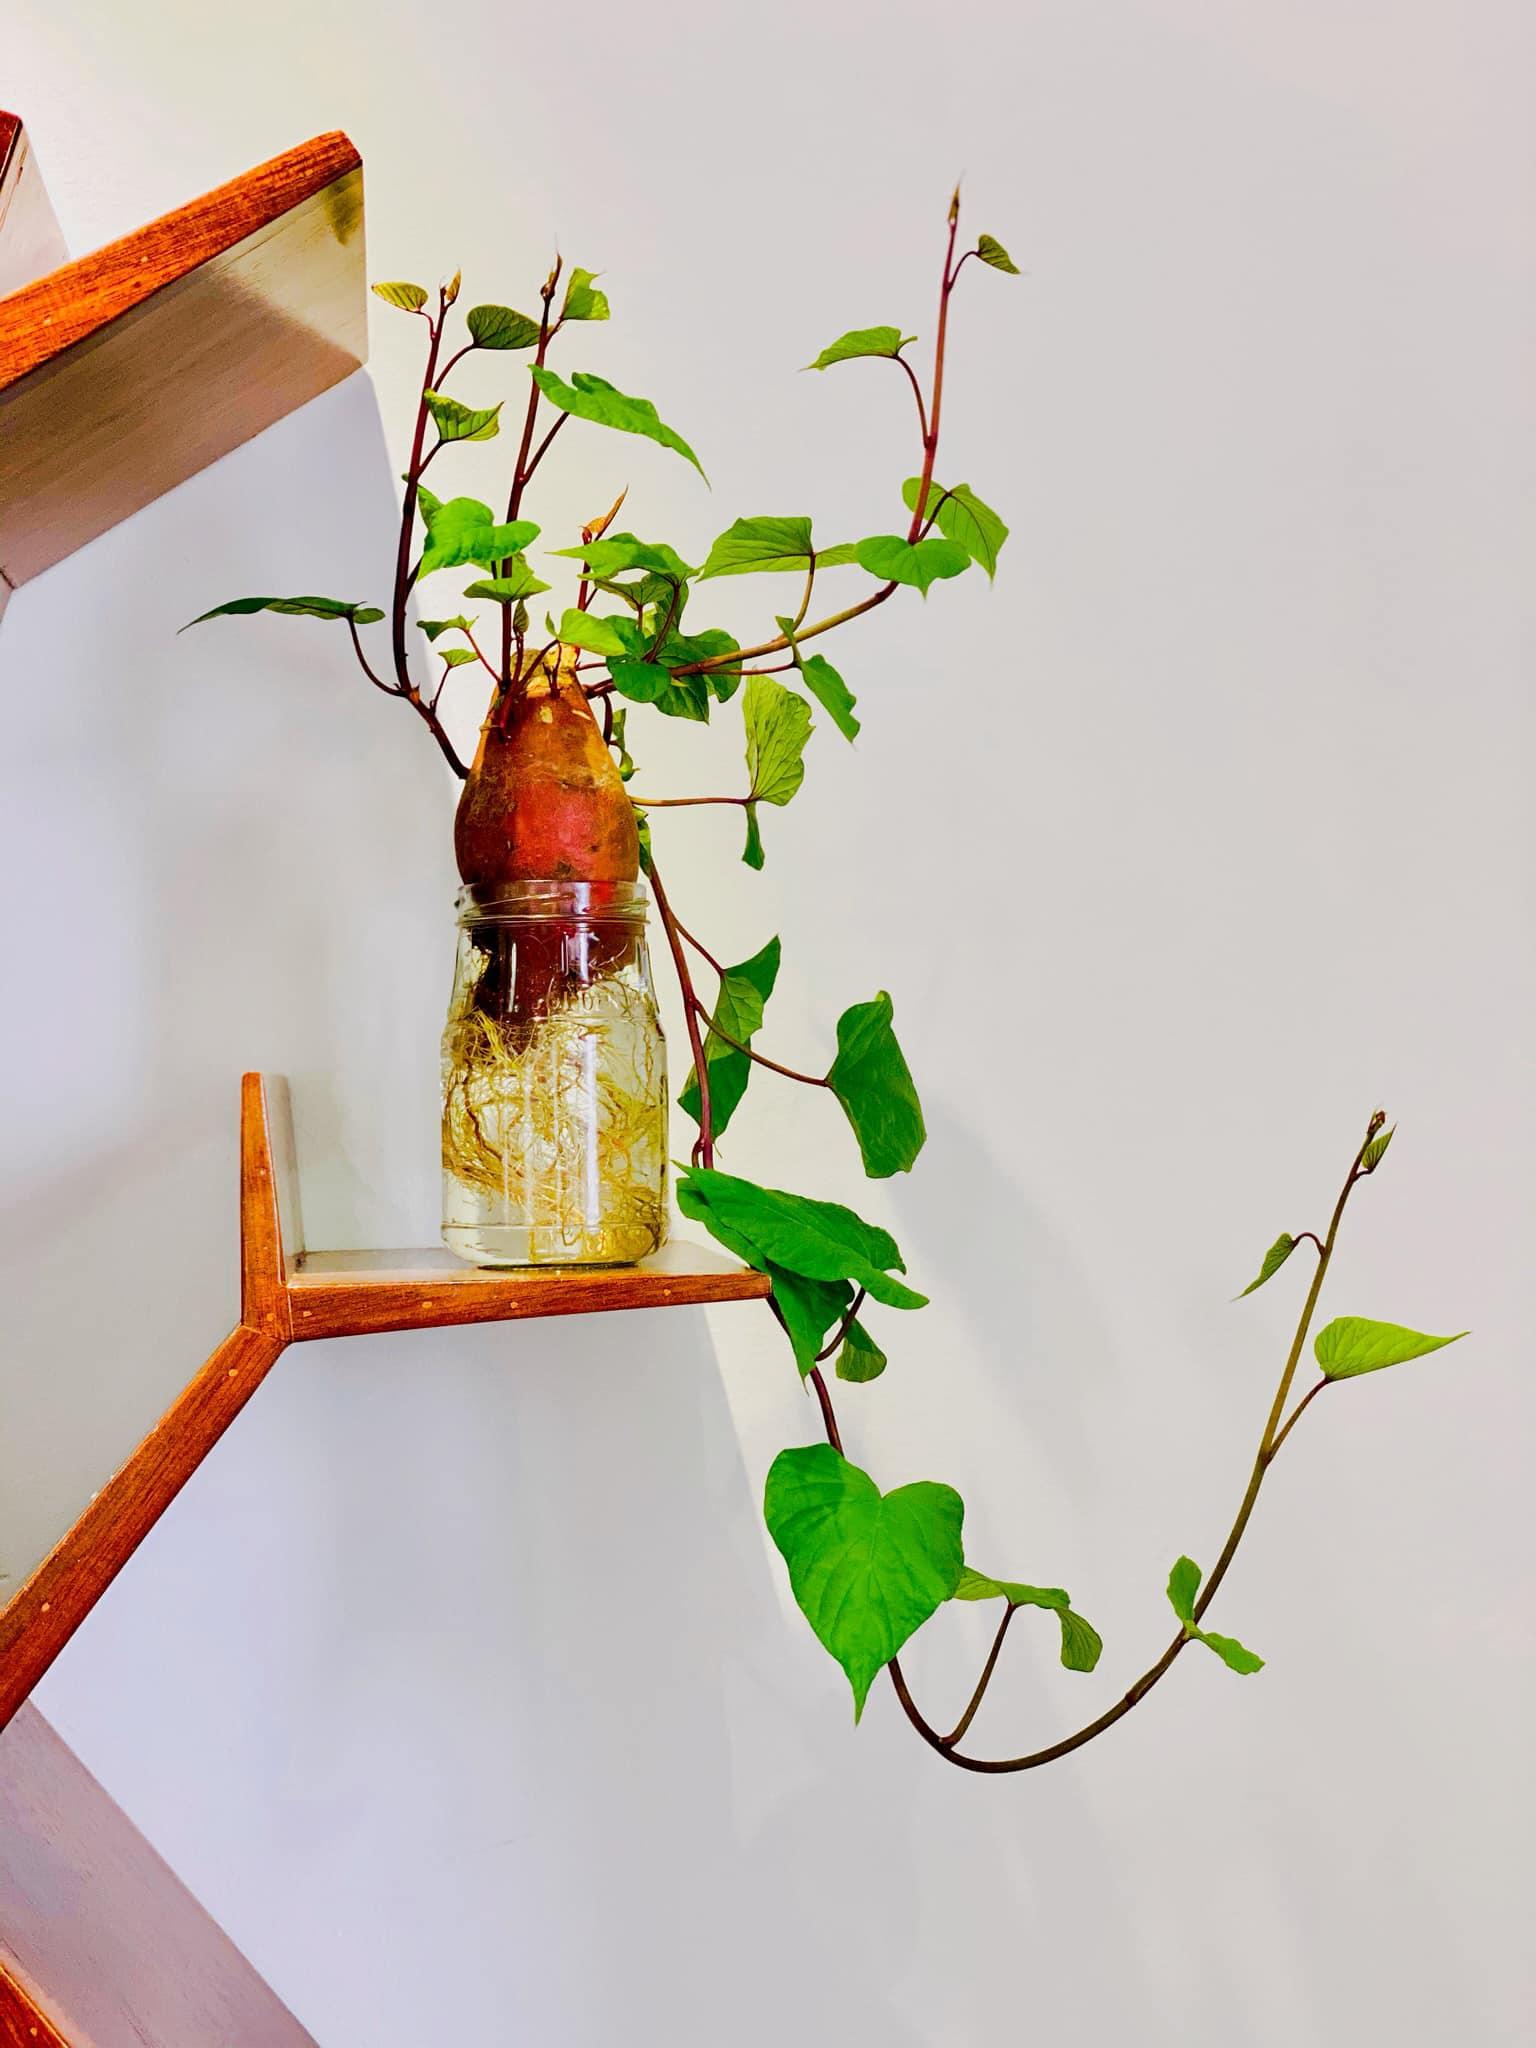 Trồng khoai lang bonsai làm đẹp nhà với các bước dễ vô cùng mà nói ra ai cũng sẽ làm được - Ảnh 3.